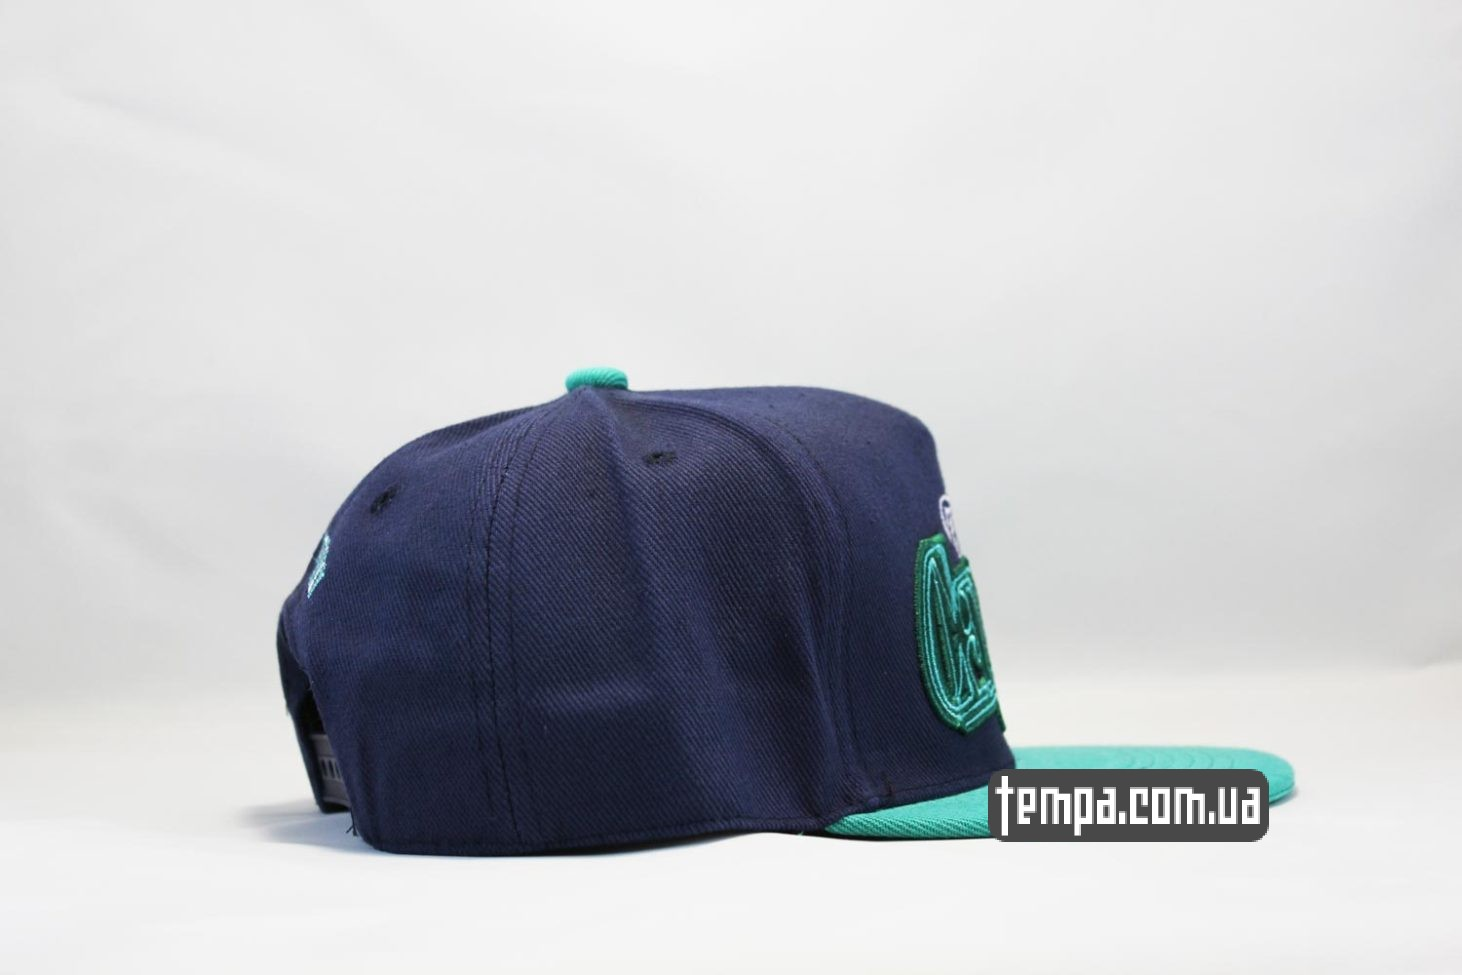 кепки с прямым козырьком кепка snapback cayler and sons los angeles синяя зеленая